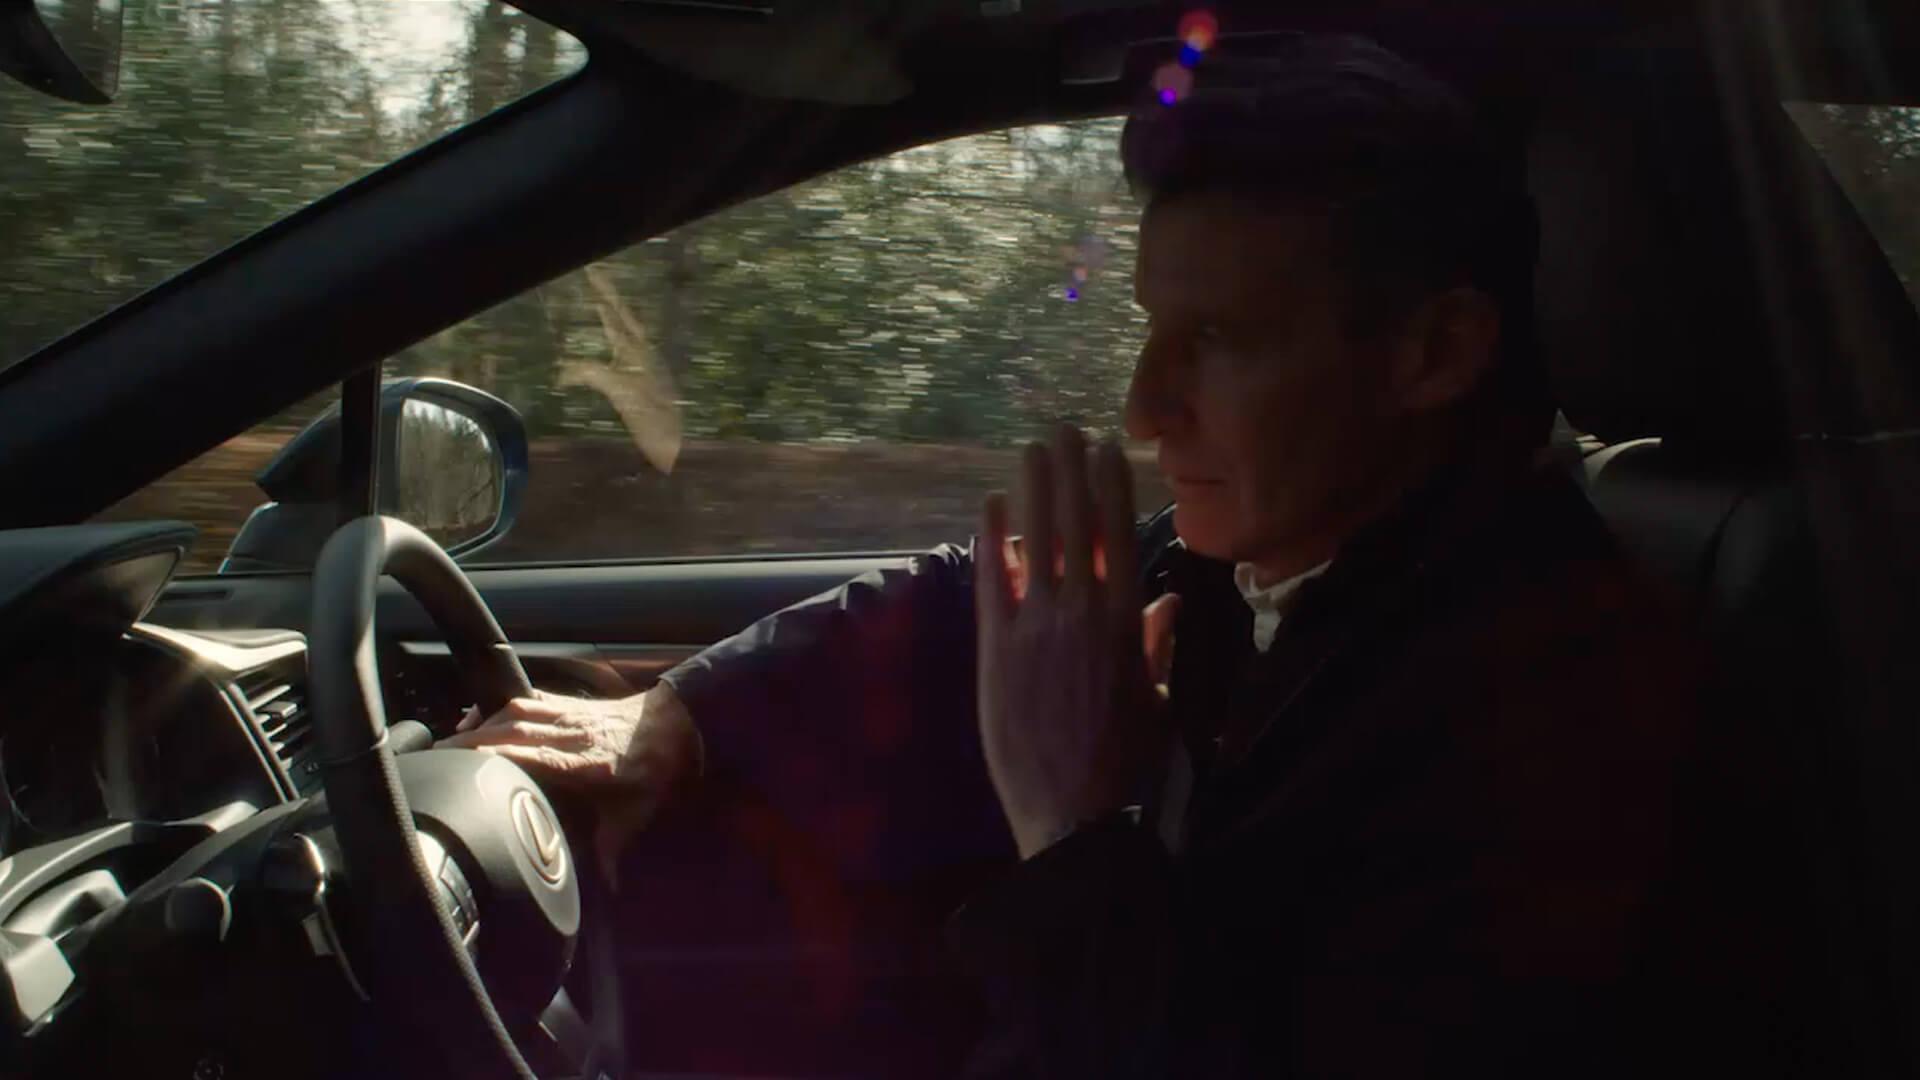 Lexus2020 SebCoeAlex Chapter2 videoTl